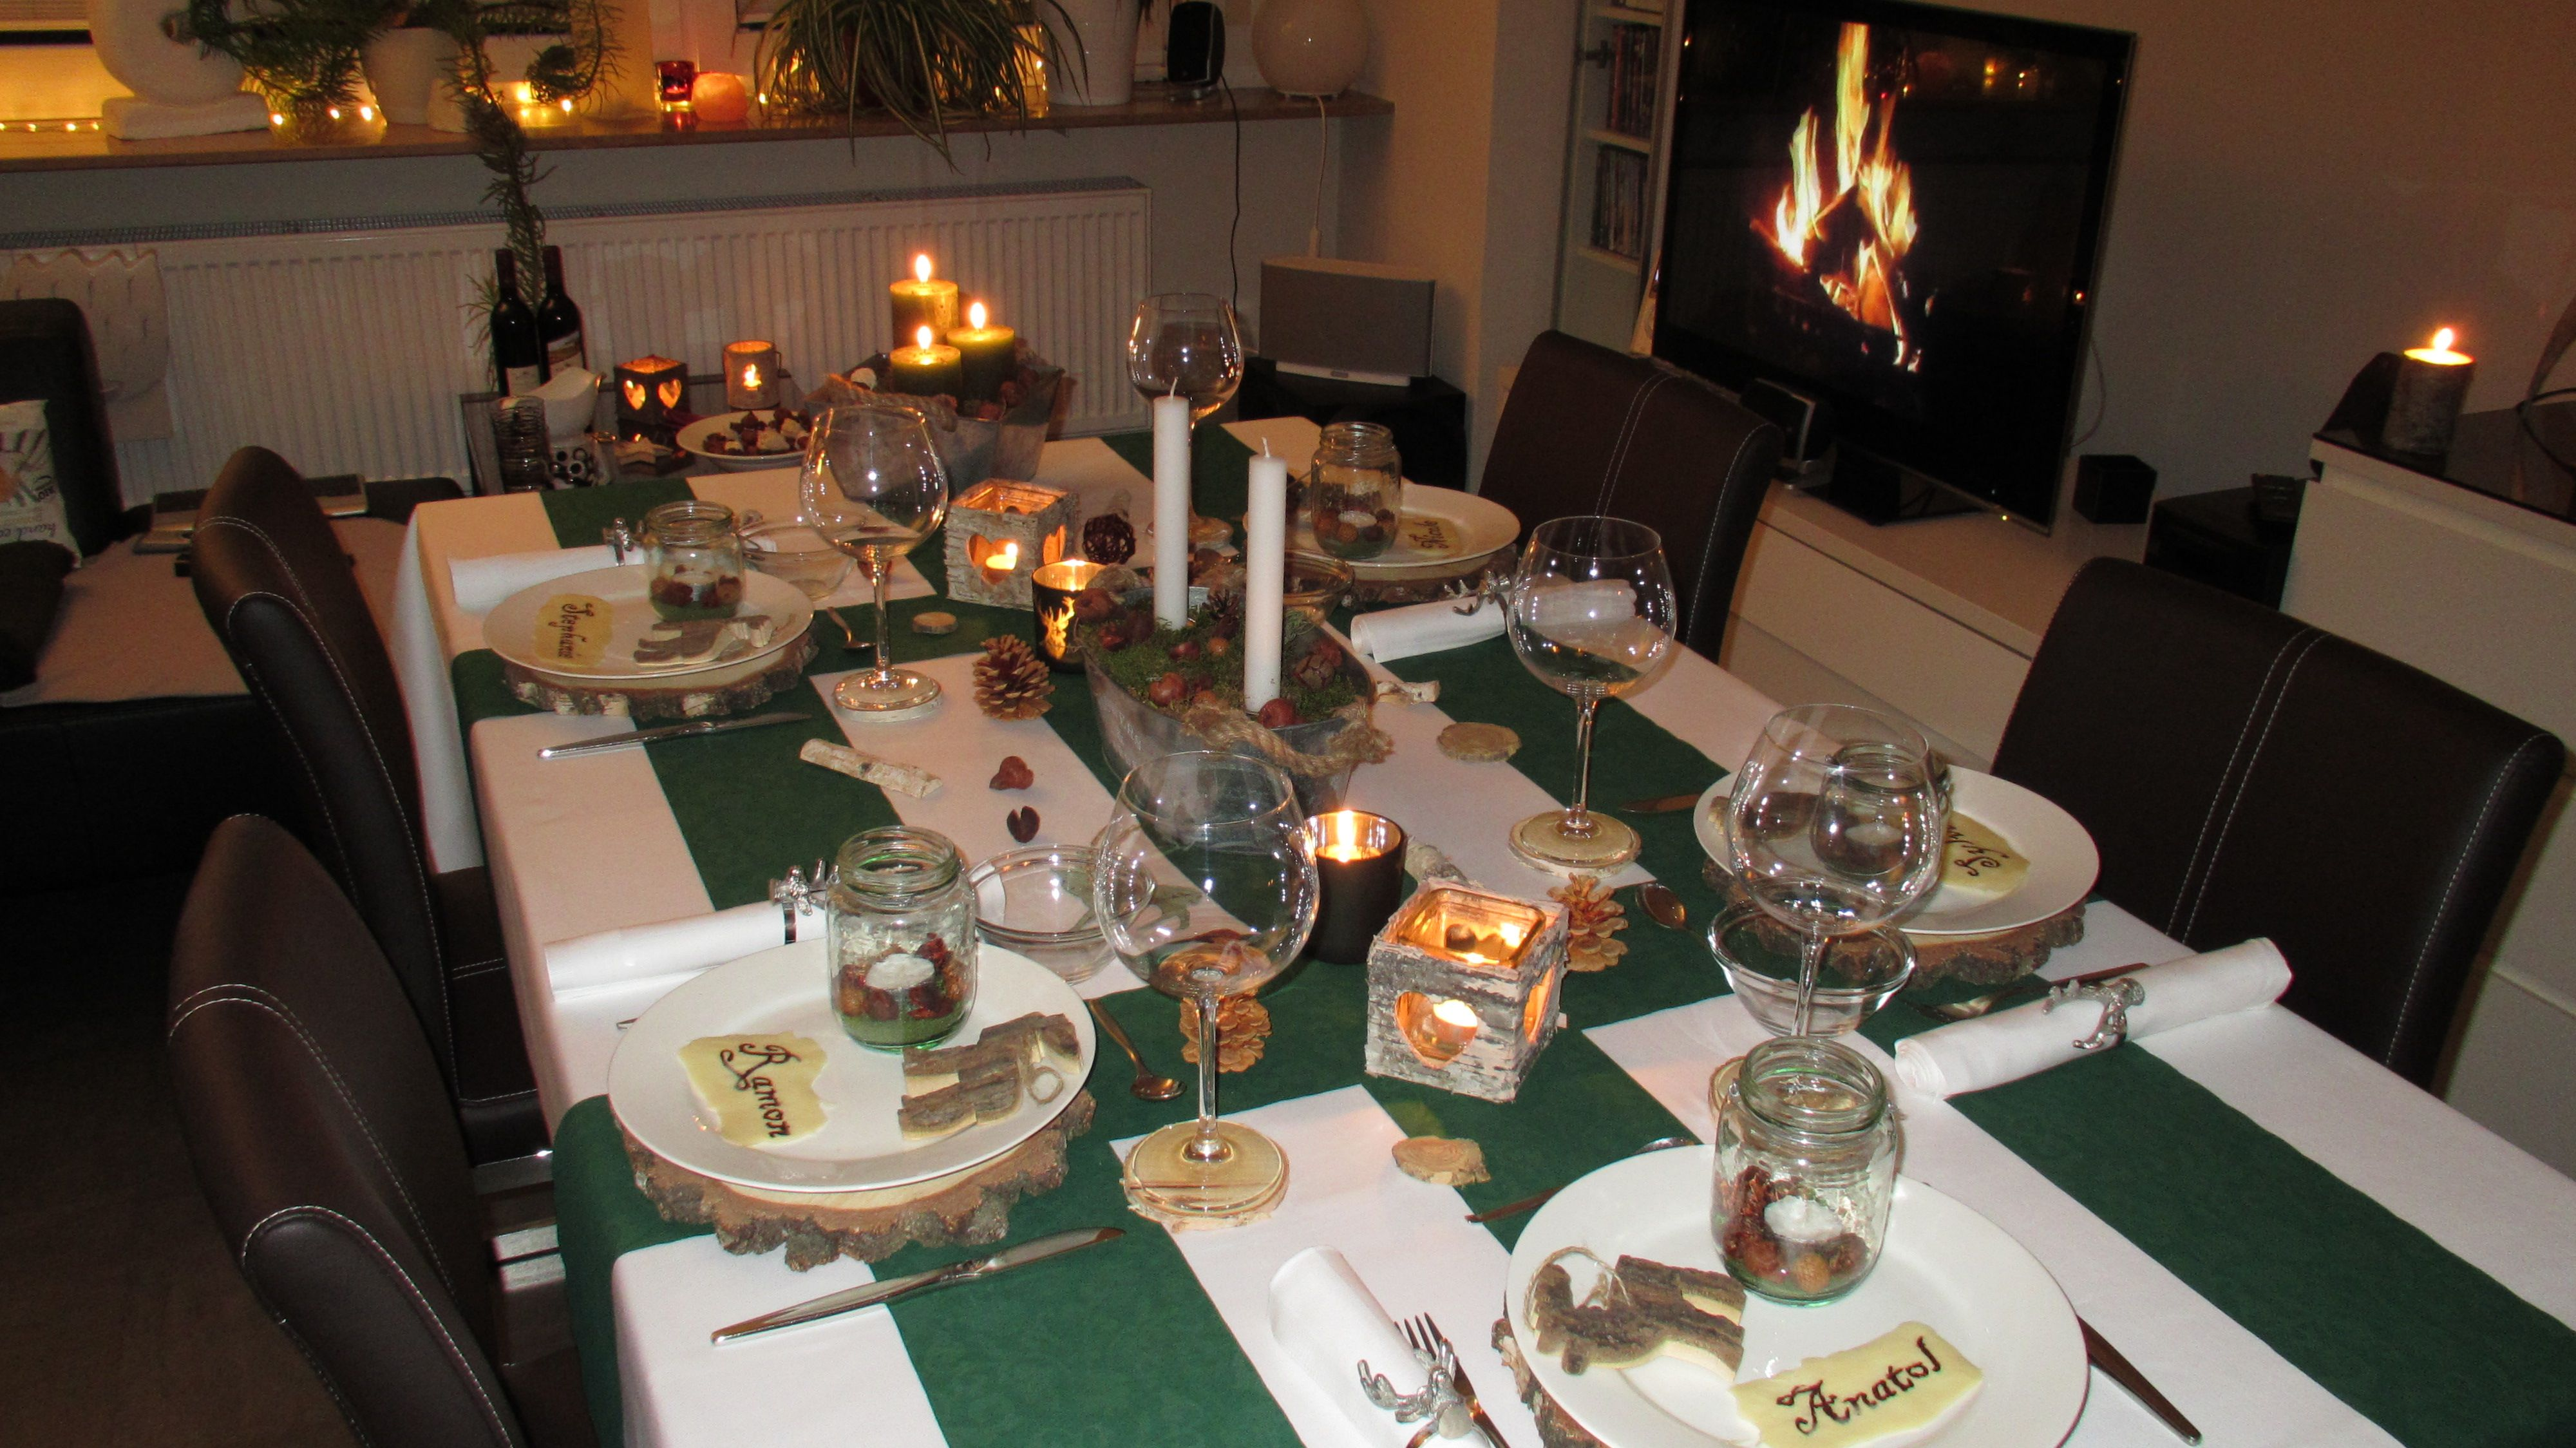 Wohnzimmertisch deko ~ Tisch dekoration table decoration gänseessen tischdeko